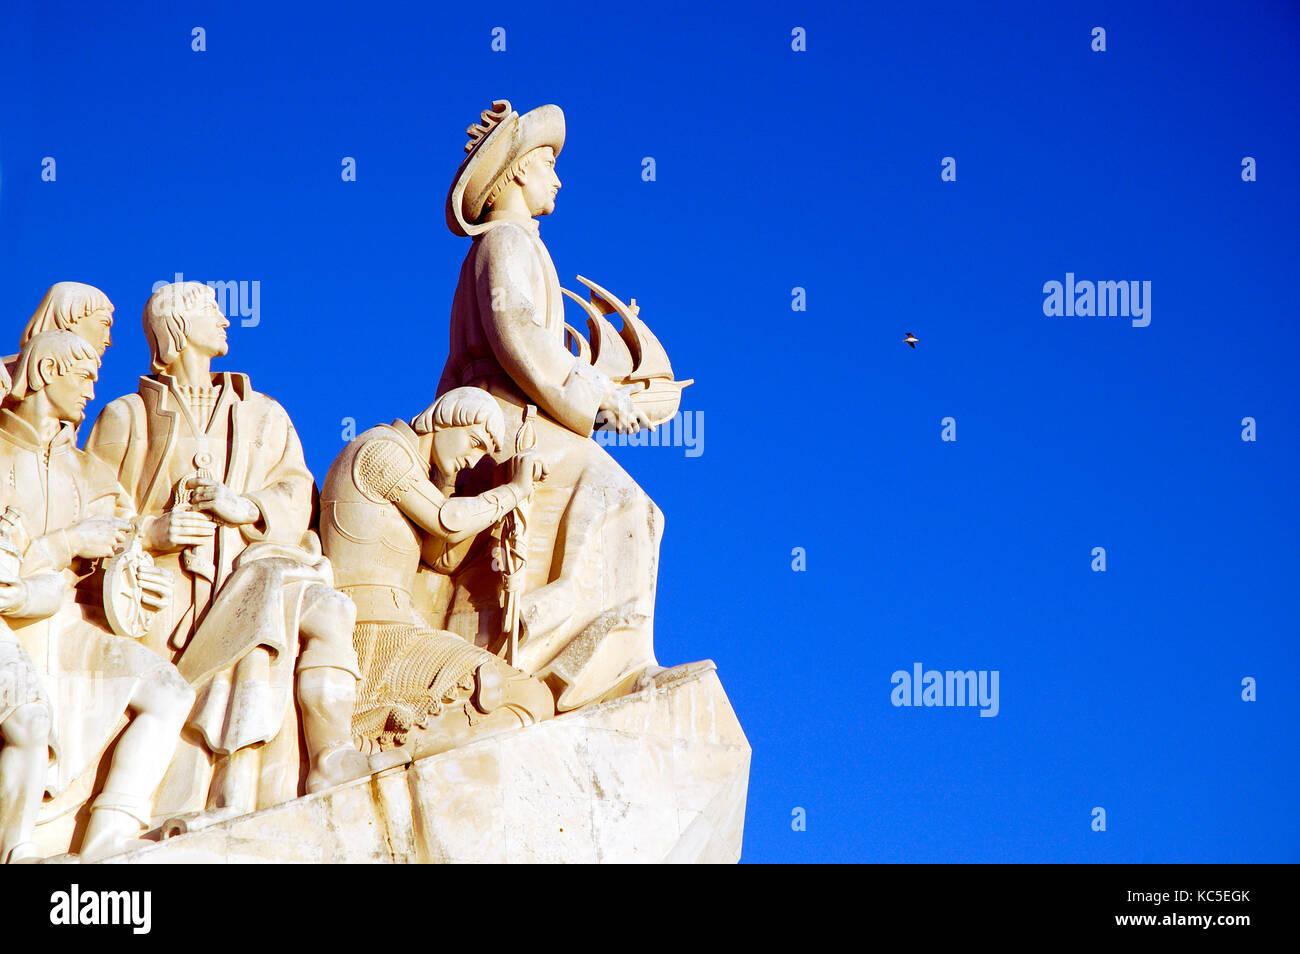 Detail of the Monument to the Discoveries (Padrão dos Descobrimentos). Lisbon, Portugal - Stock Image